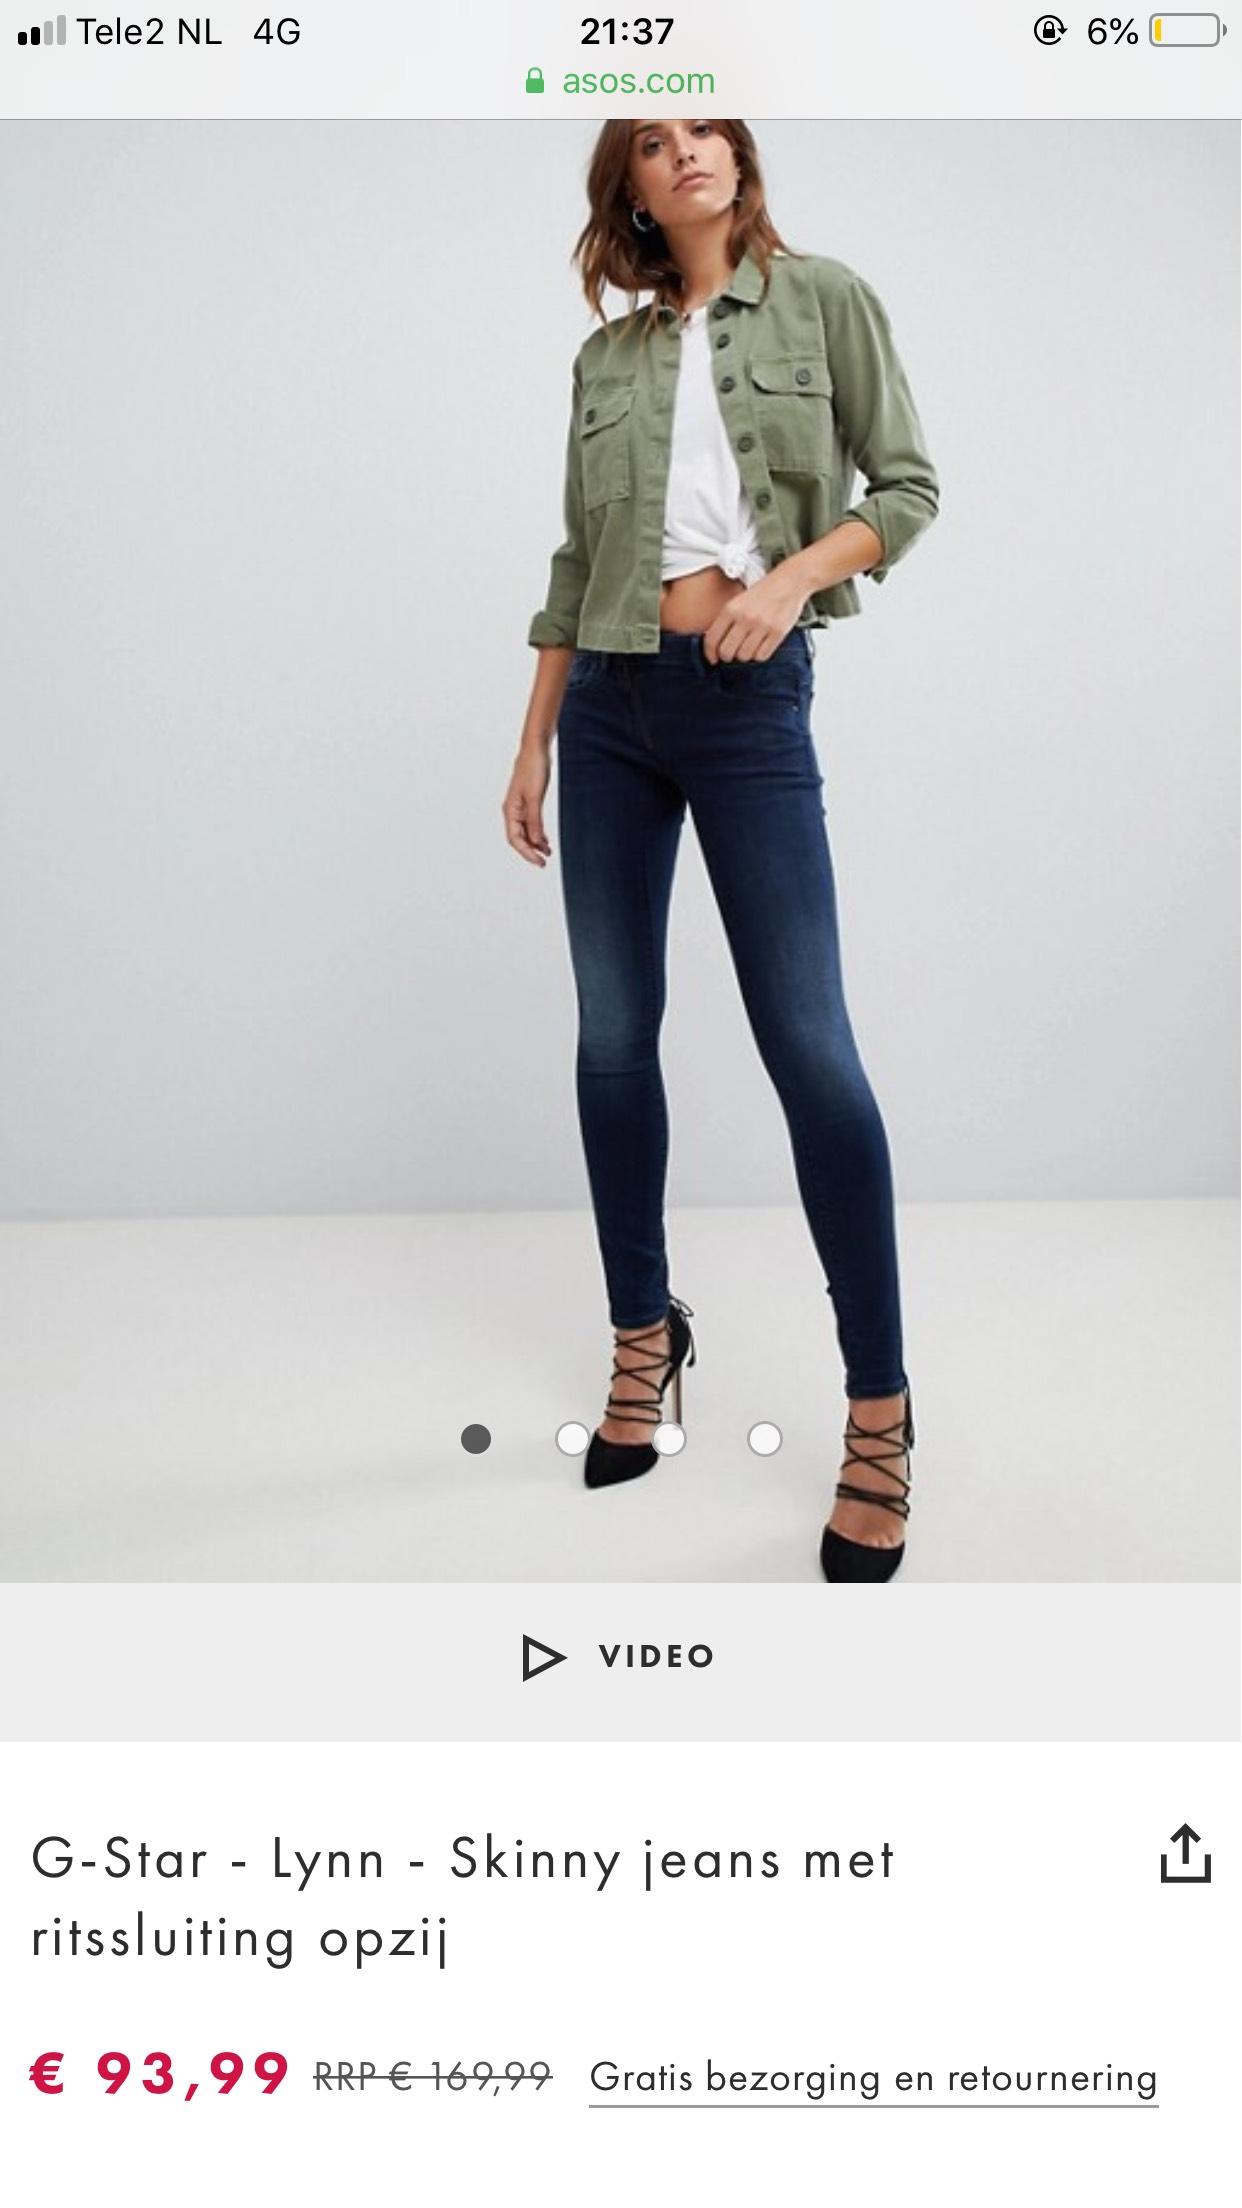 G-Star - Lynn - Skinny jeans met ritssluiting opzij (Asos).